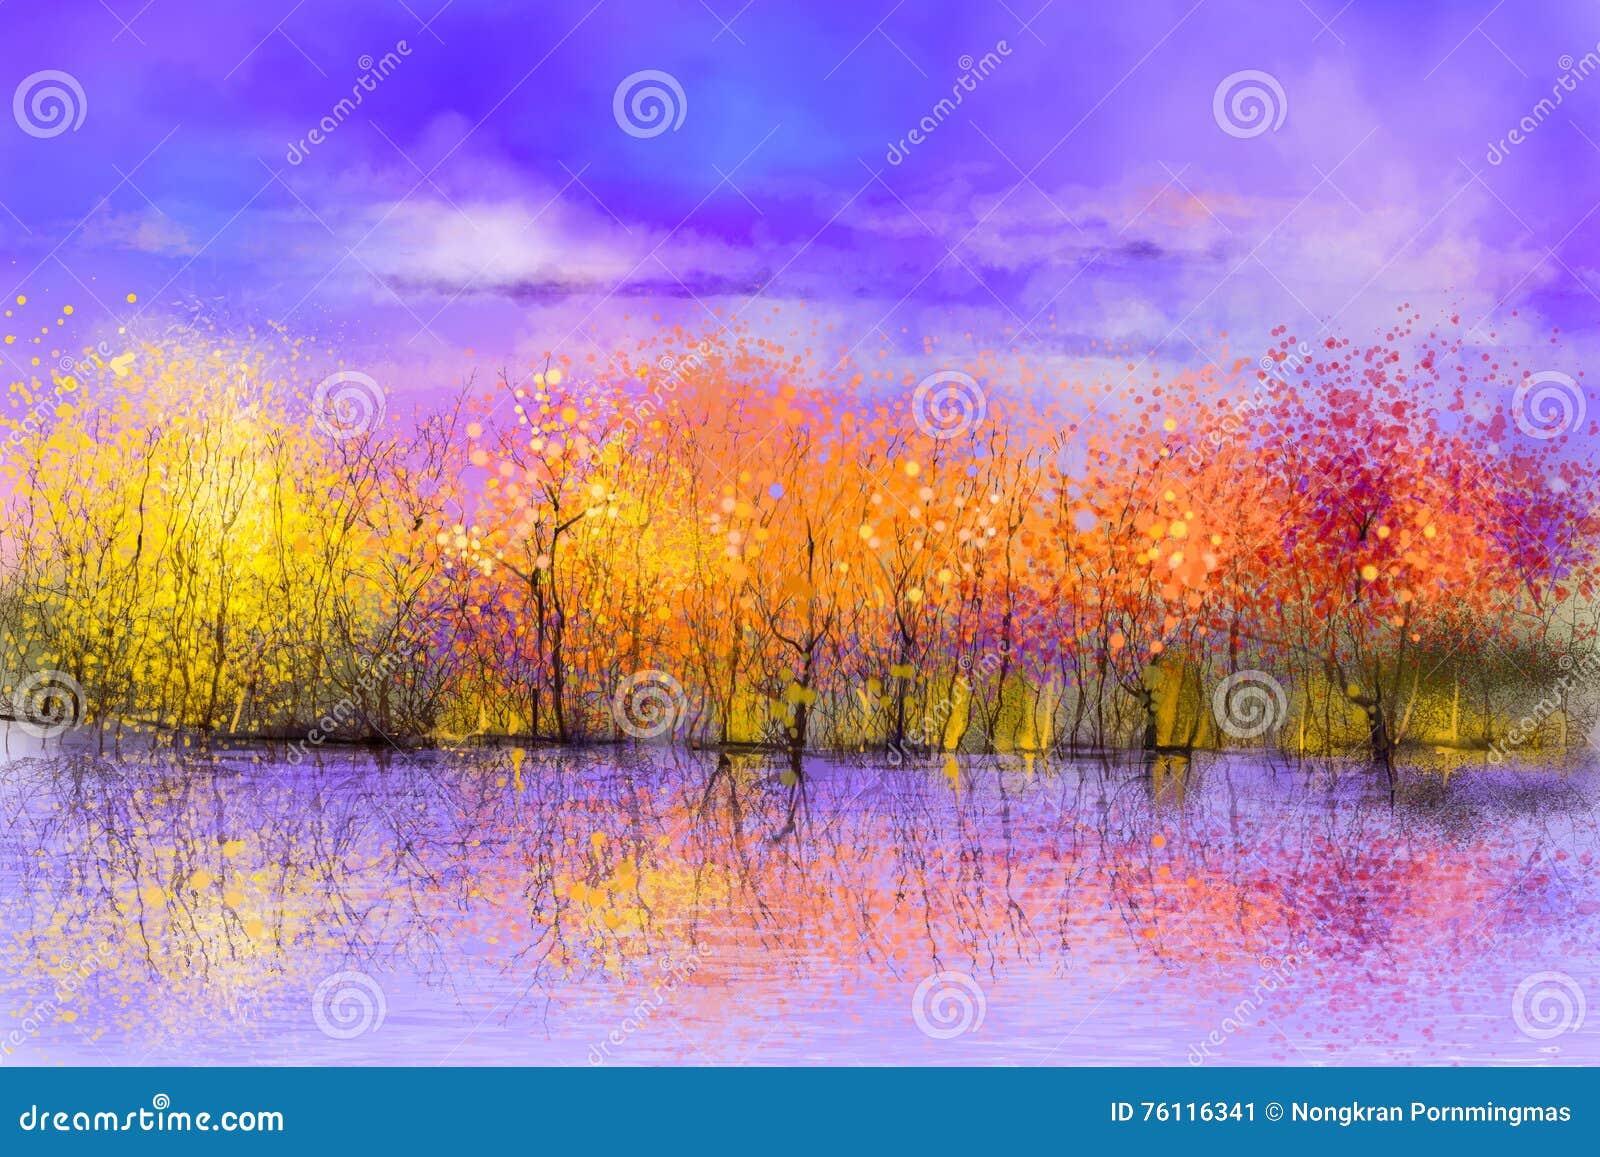 Herbst-Landschaftshintergrund des Ölgemäldes bunter